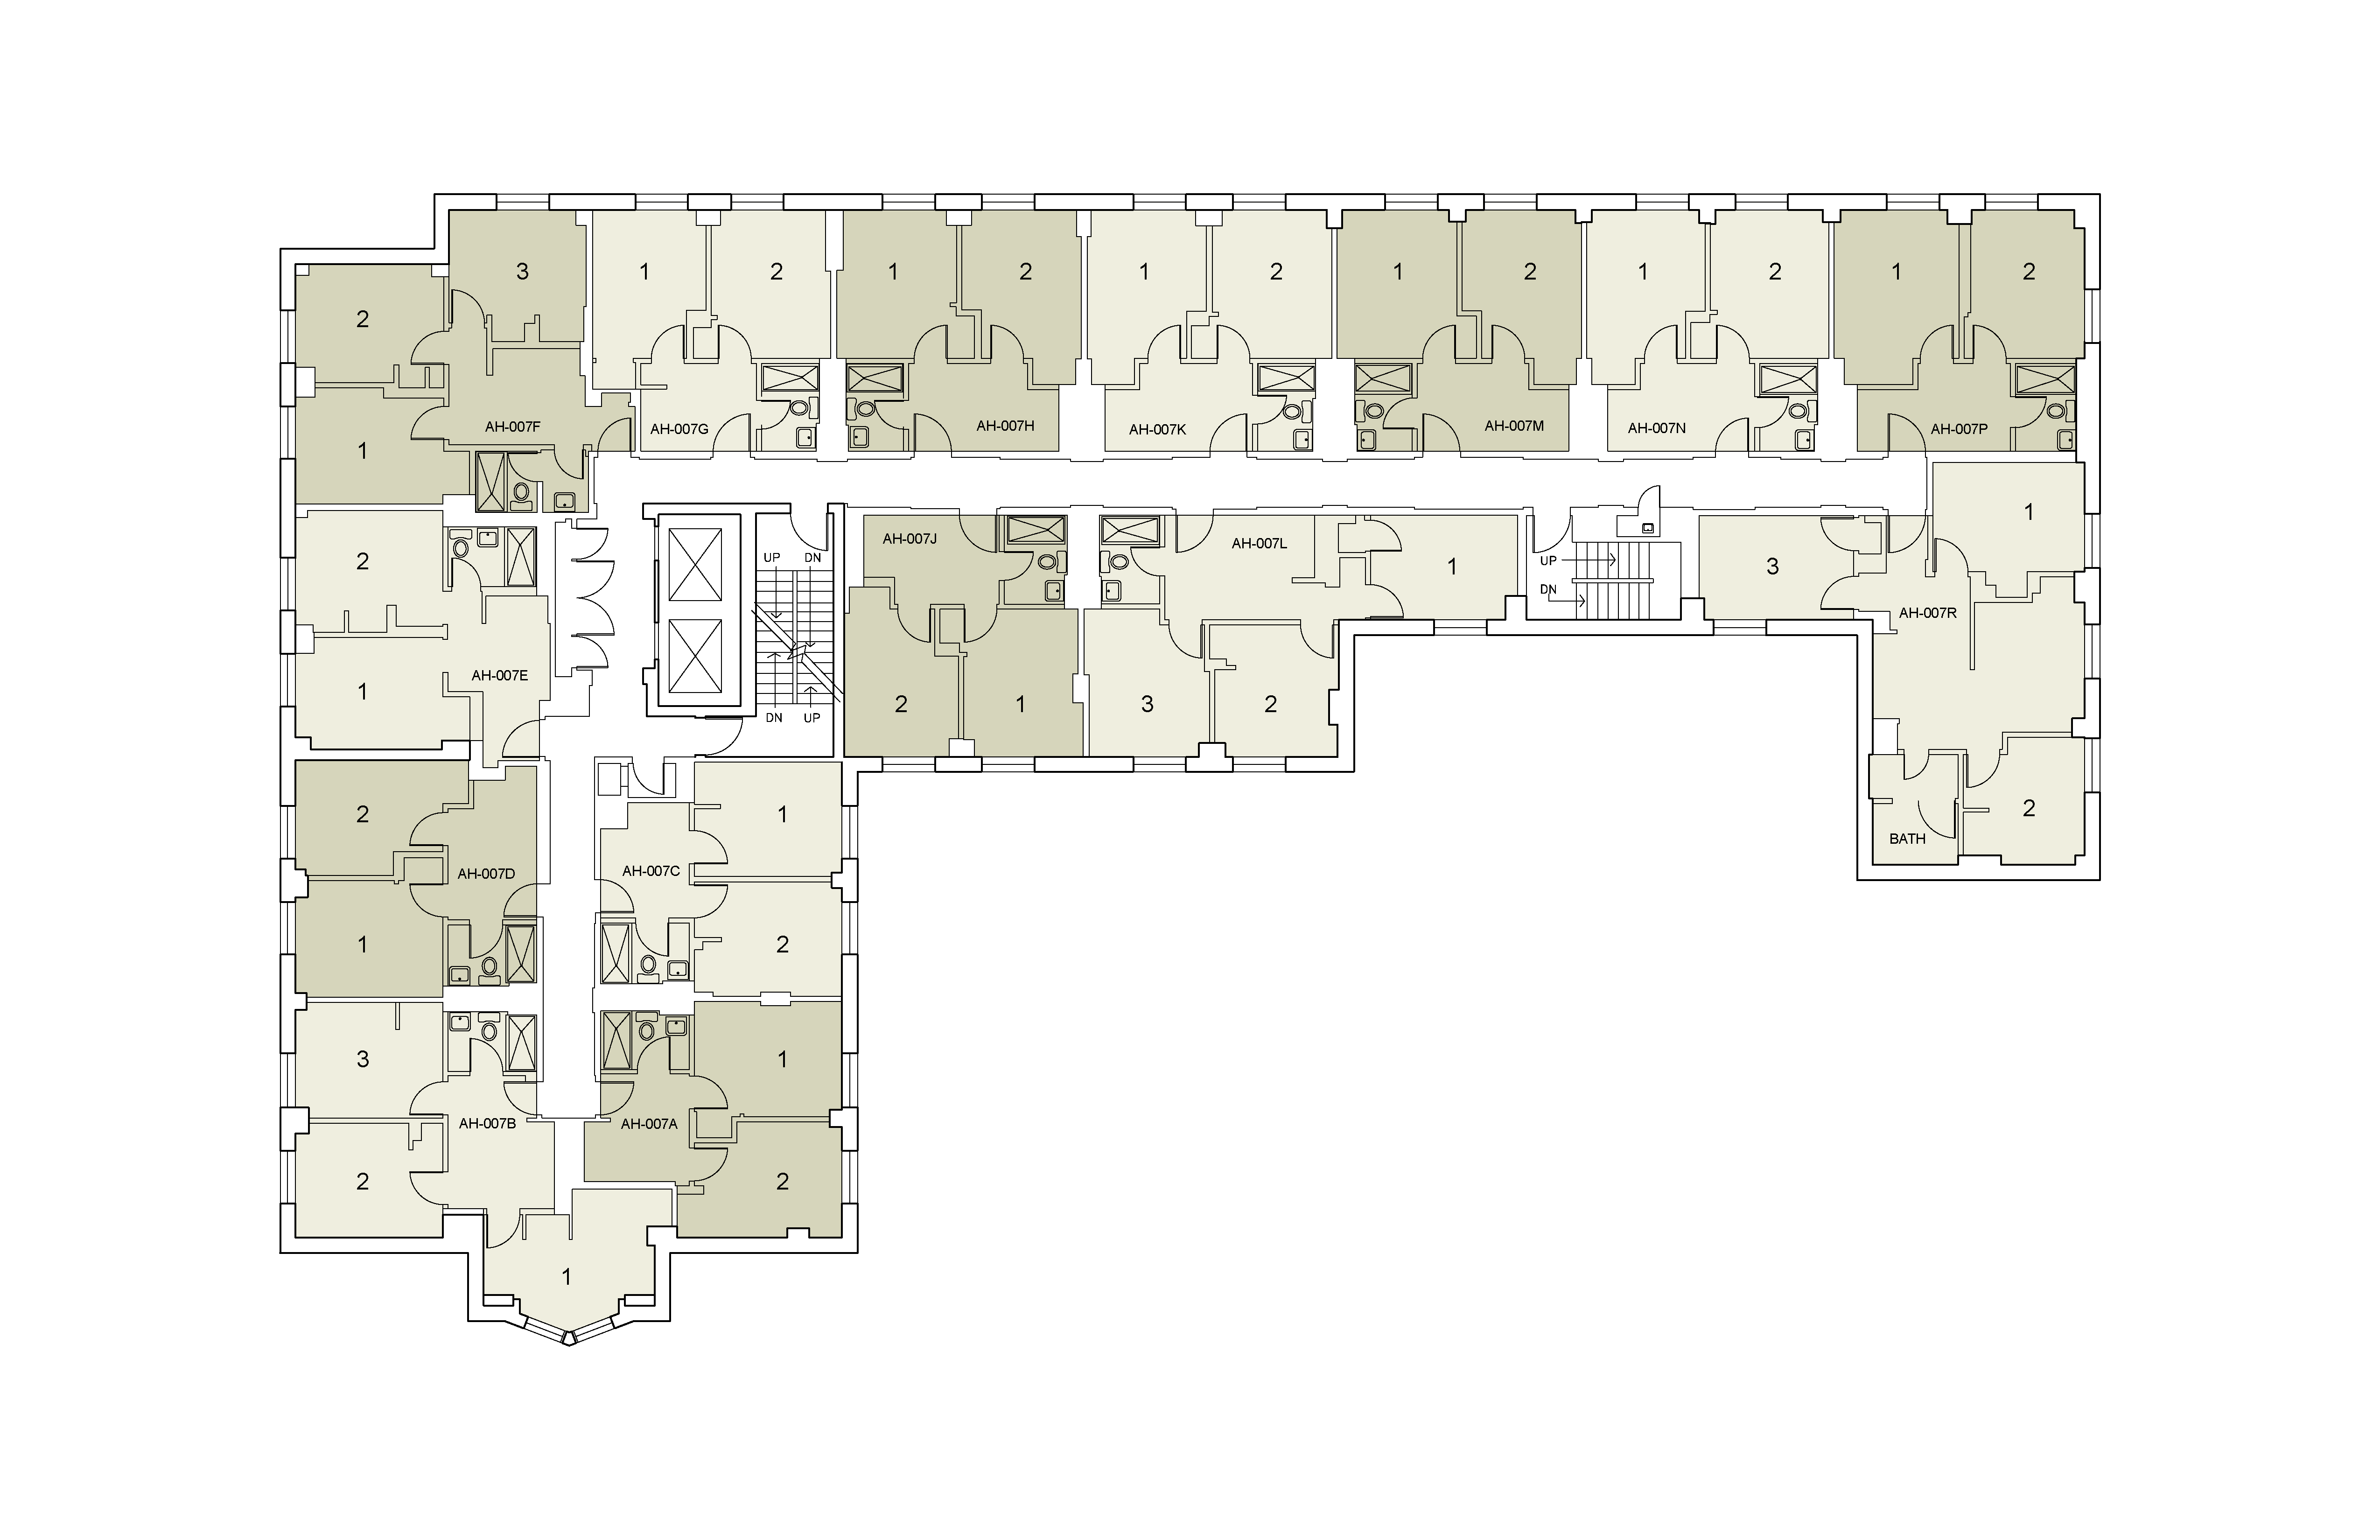 Nyu Alumni Hall Floor Plan